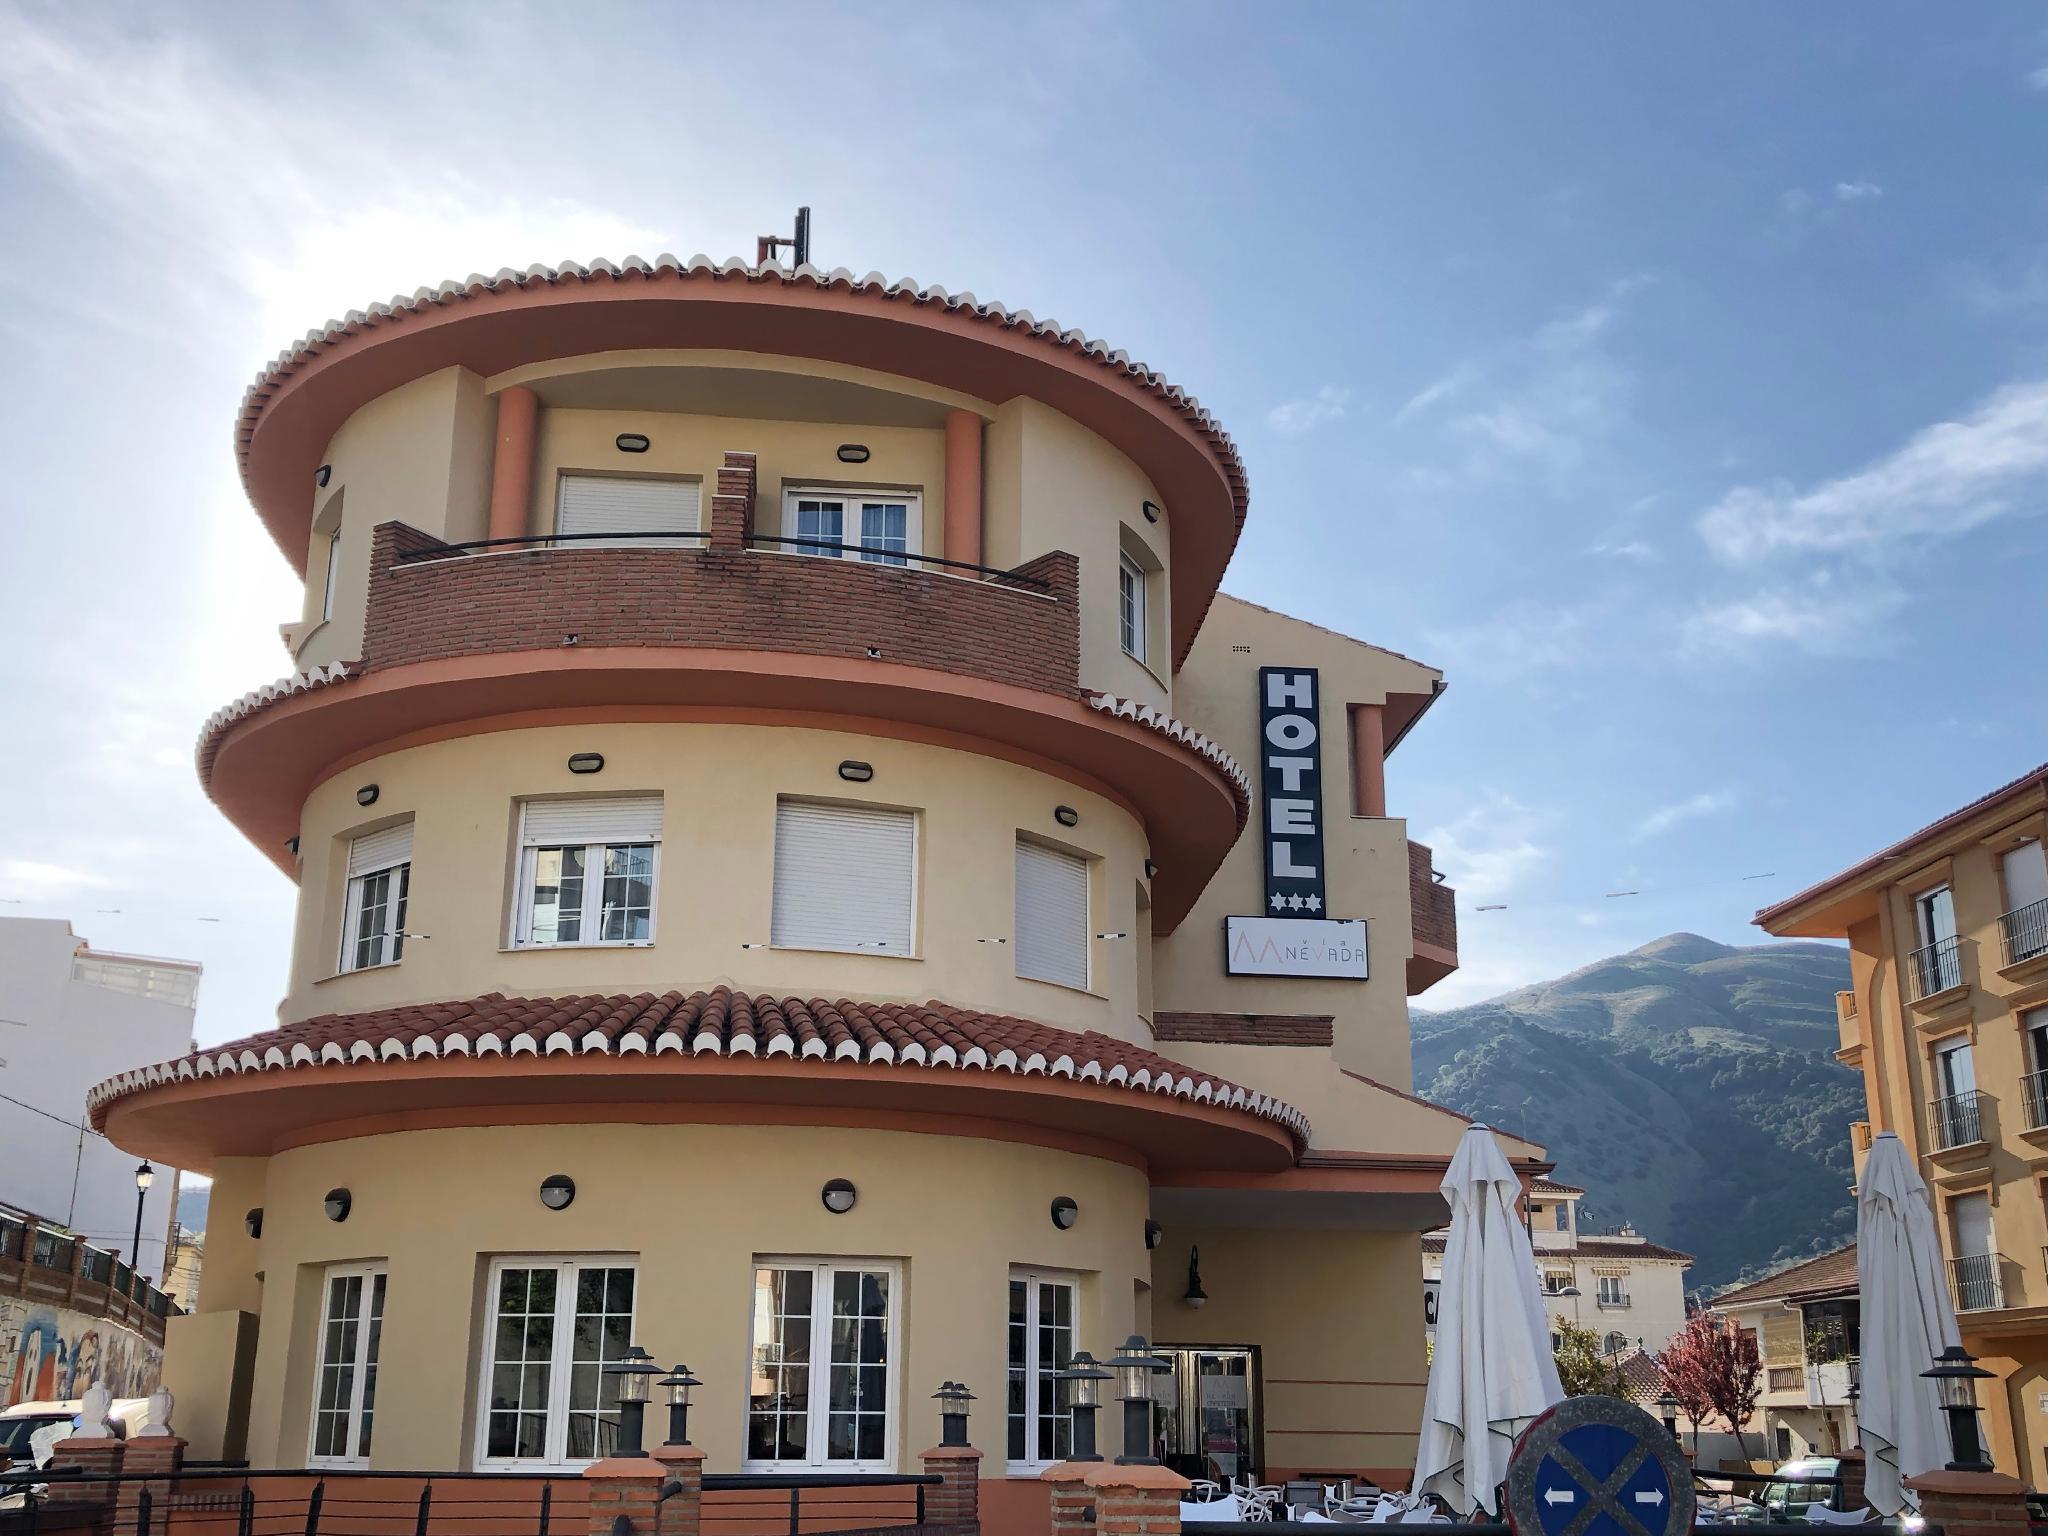 Hotel Mii Via Nevada